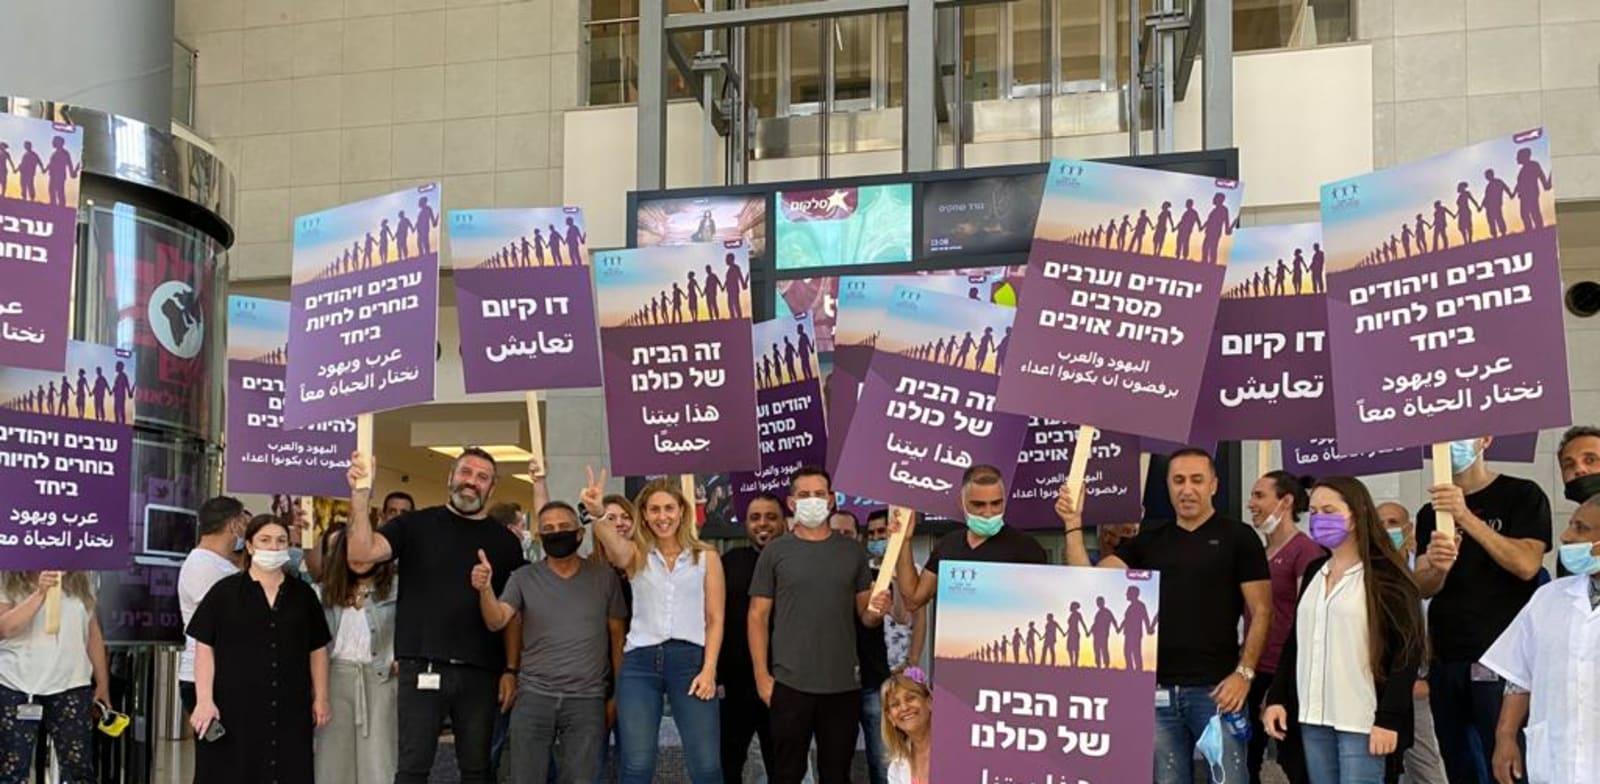 עובדי ועובדות סלקום במחאה למען דו-קיום / צילום: דוברות סלקום